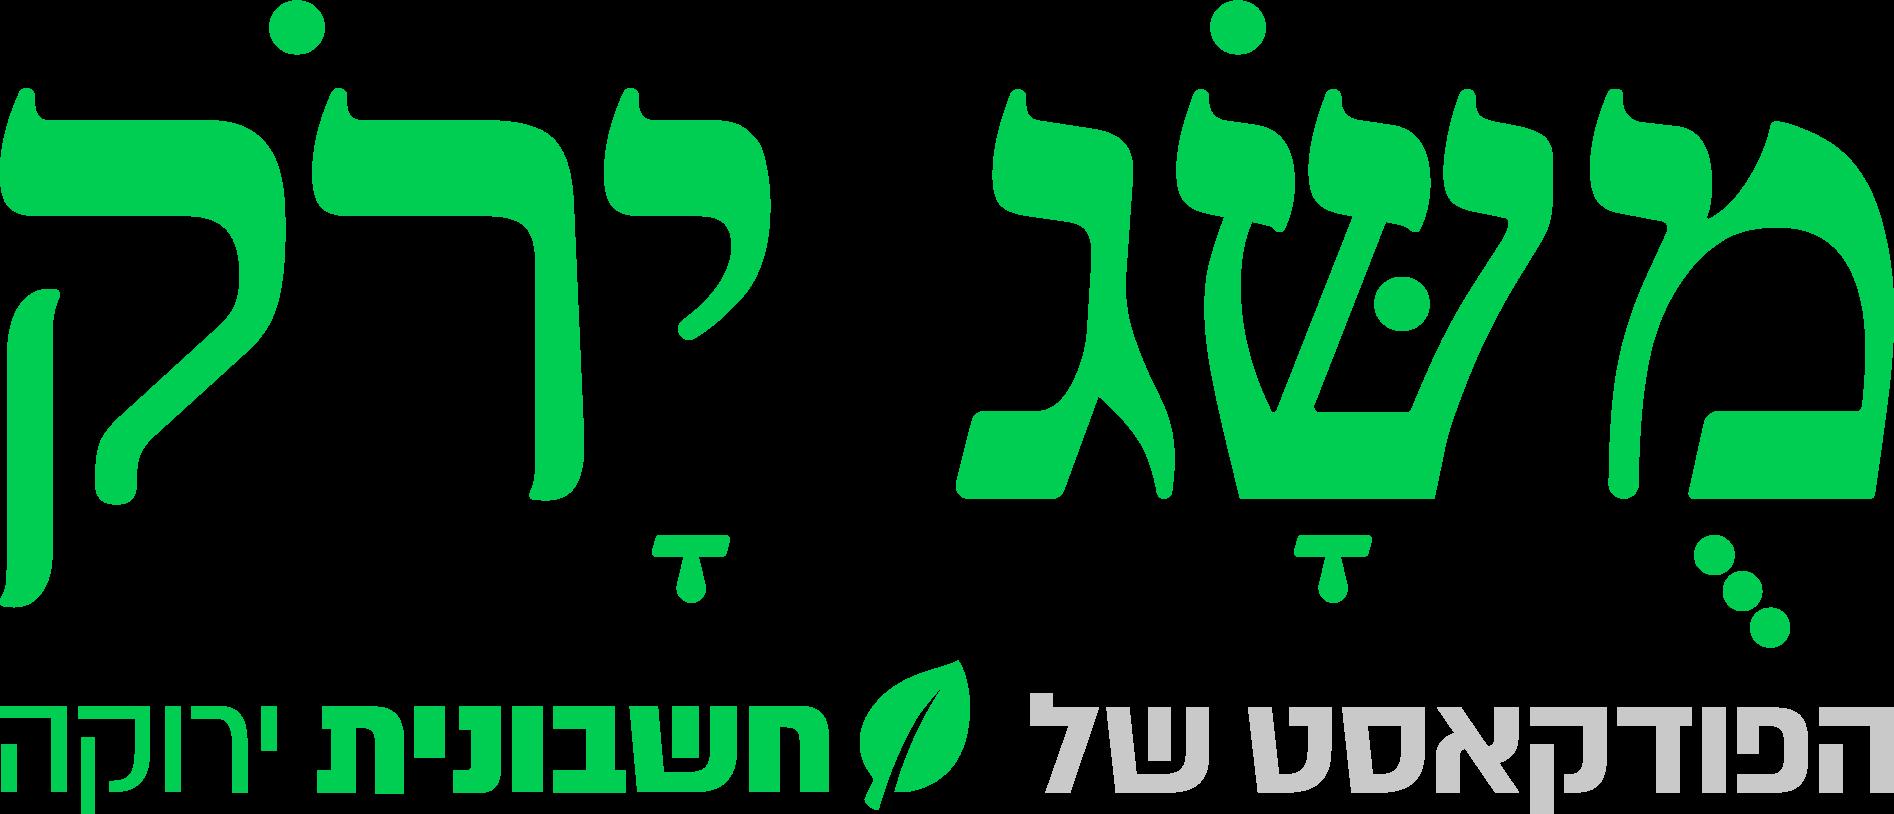 מושג ירוק